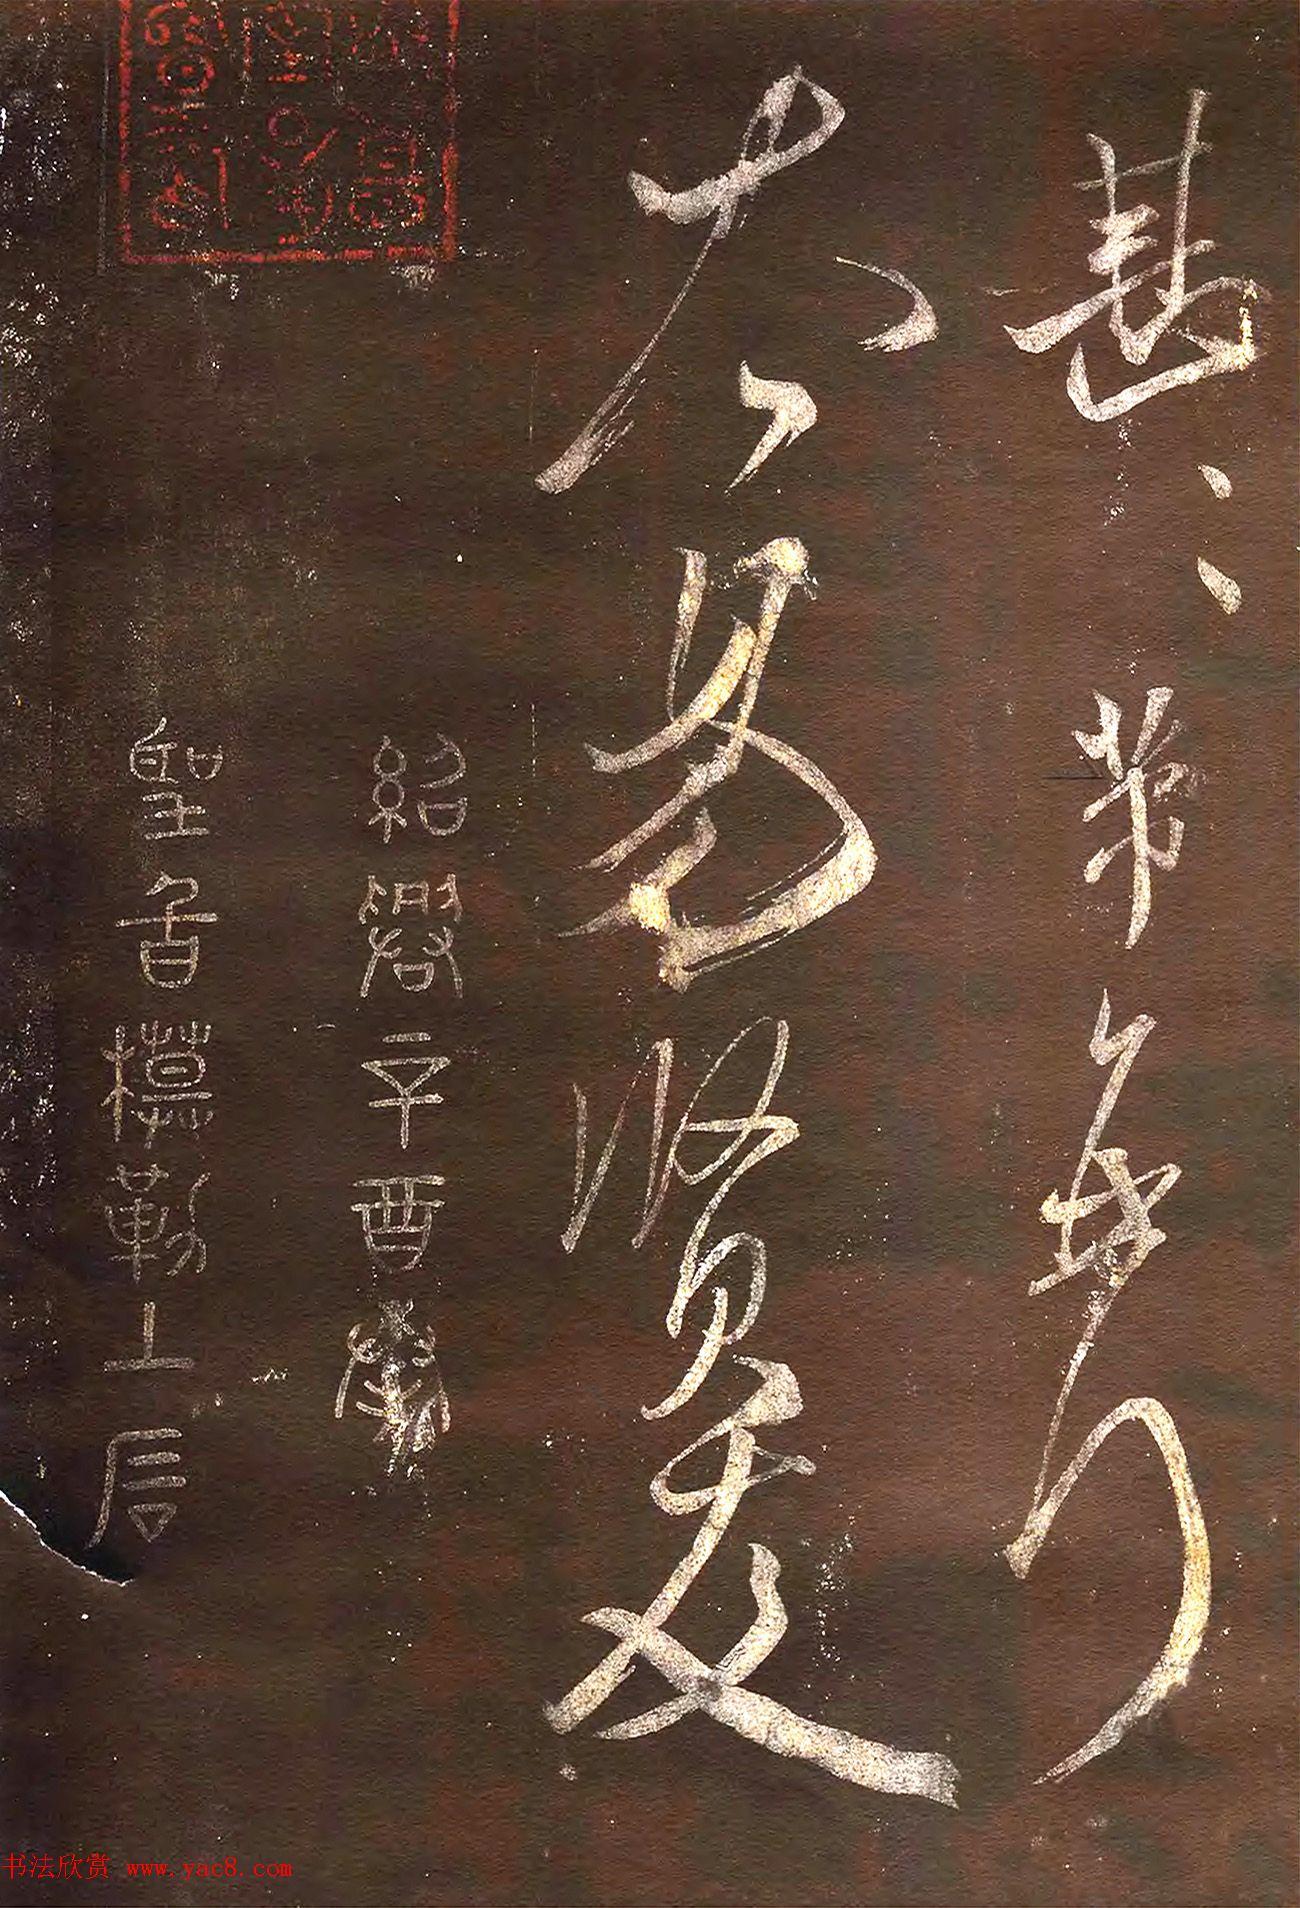 米芾53岁行书《英论帖》宋拓本